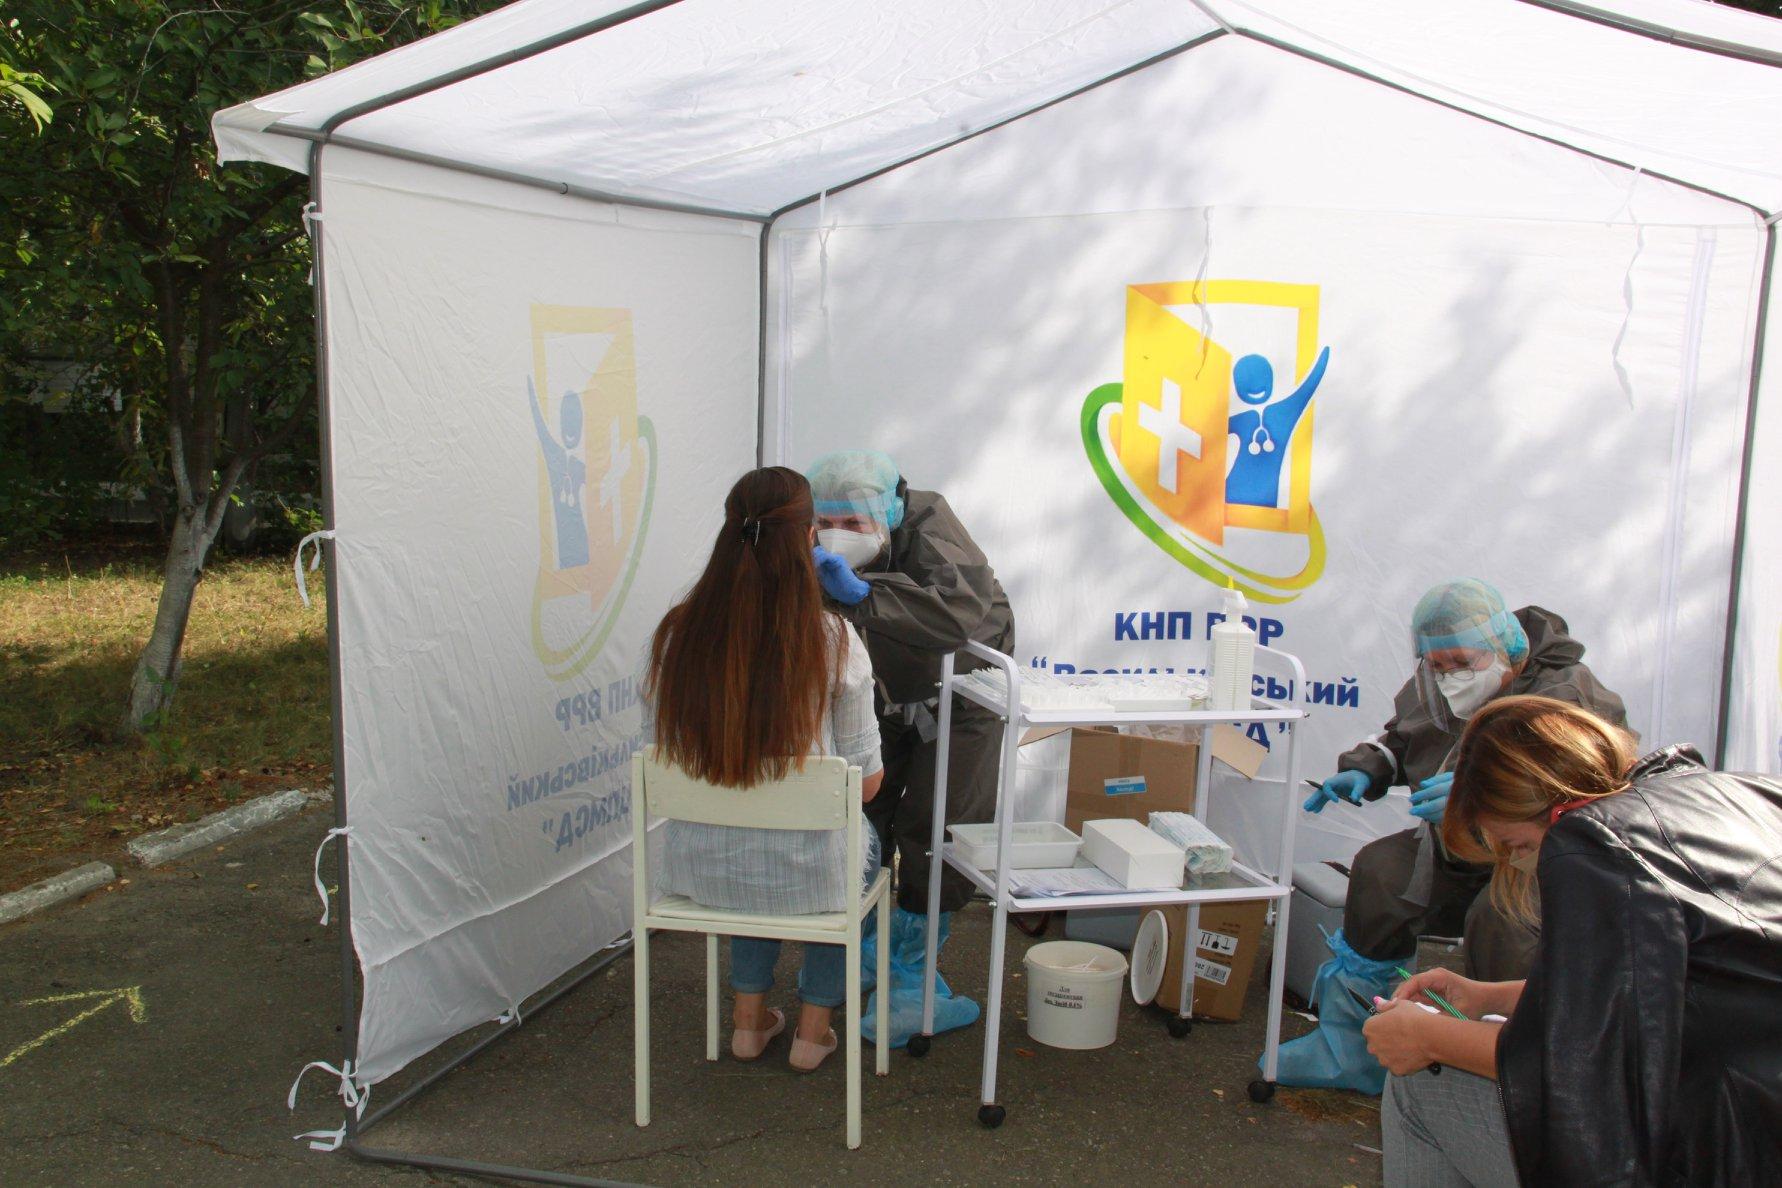 У Василькові відкрився мобільний пункт для ПЛР-тестування на COVID-19 - коронавірус - 119182794 2969155079855905 2016824964888932433 o